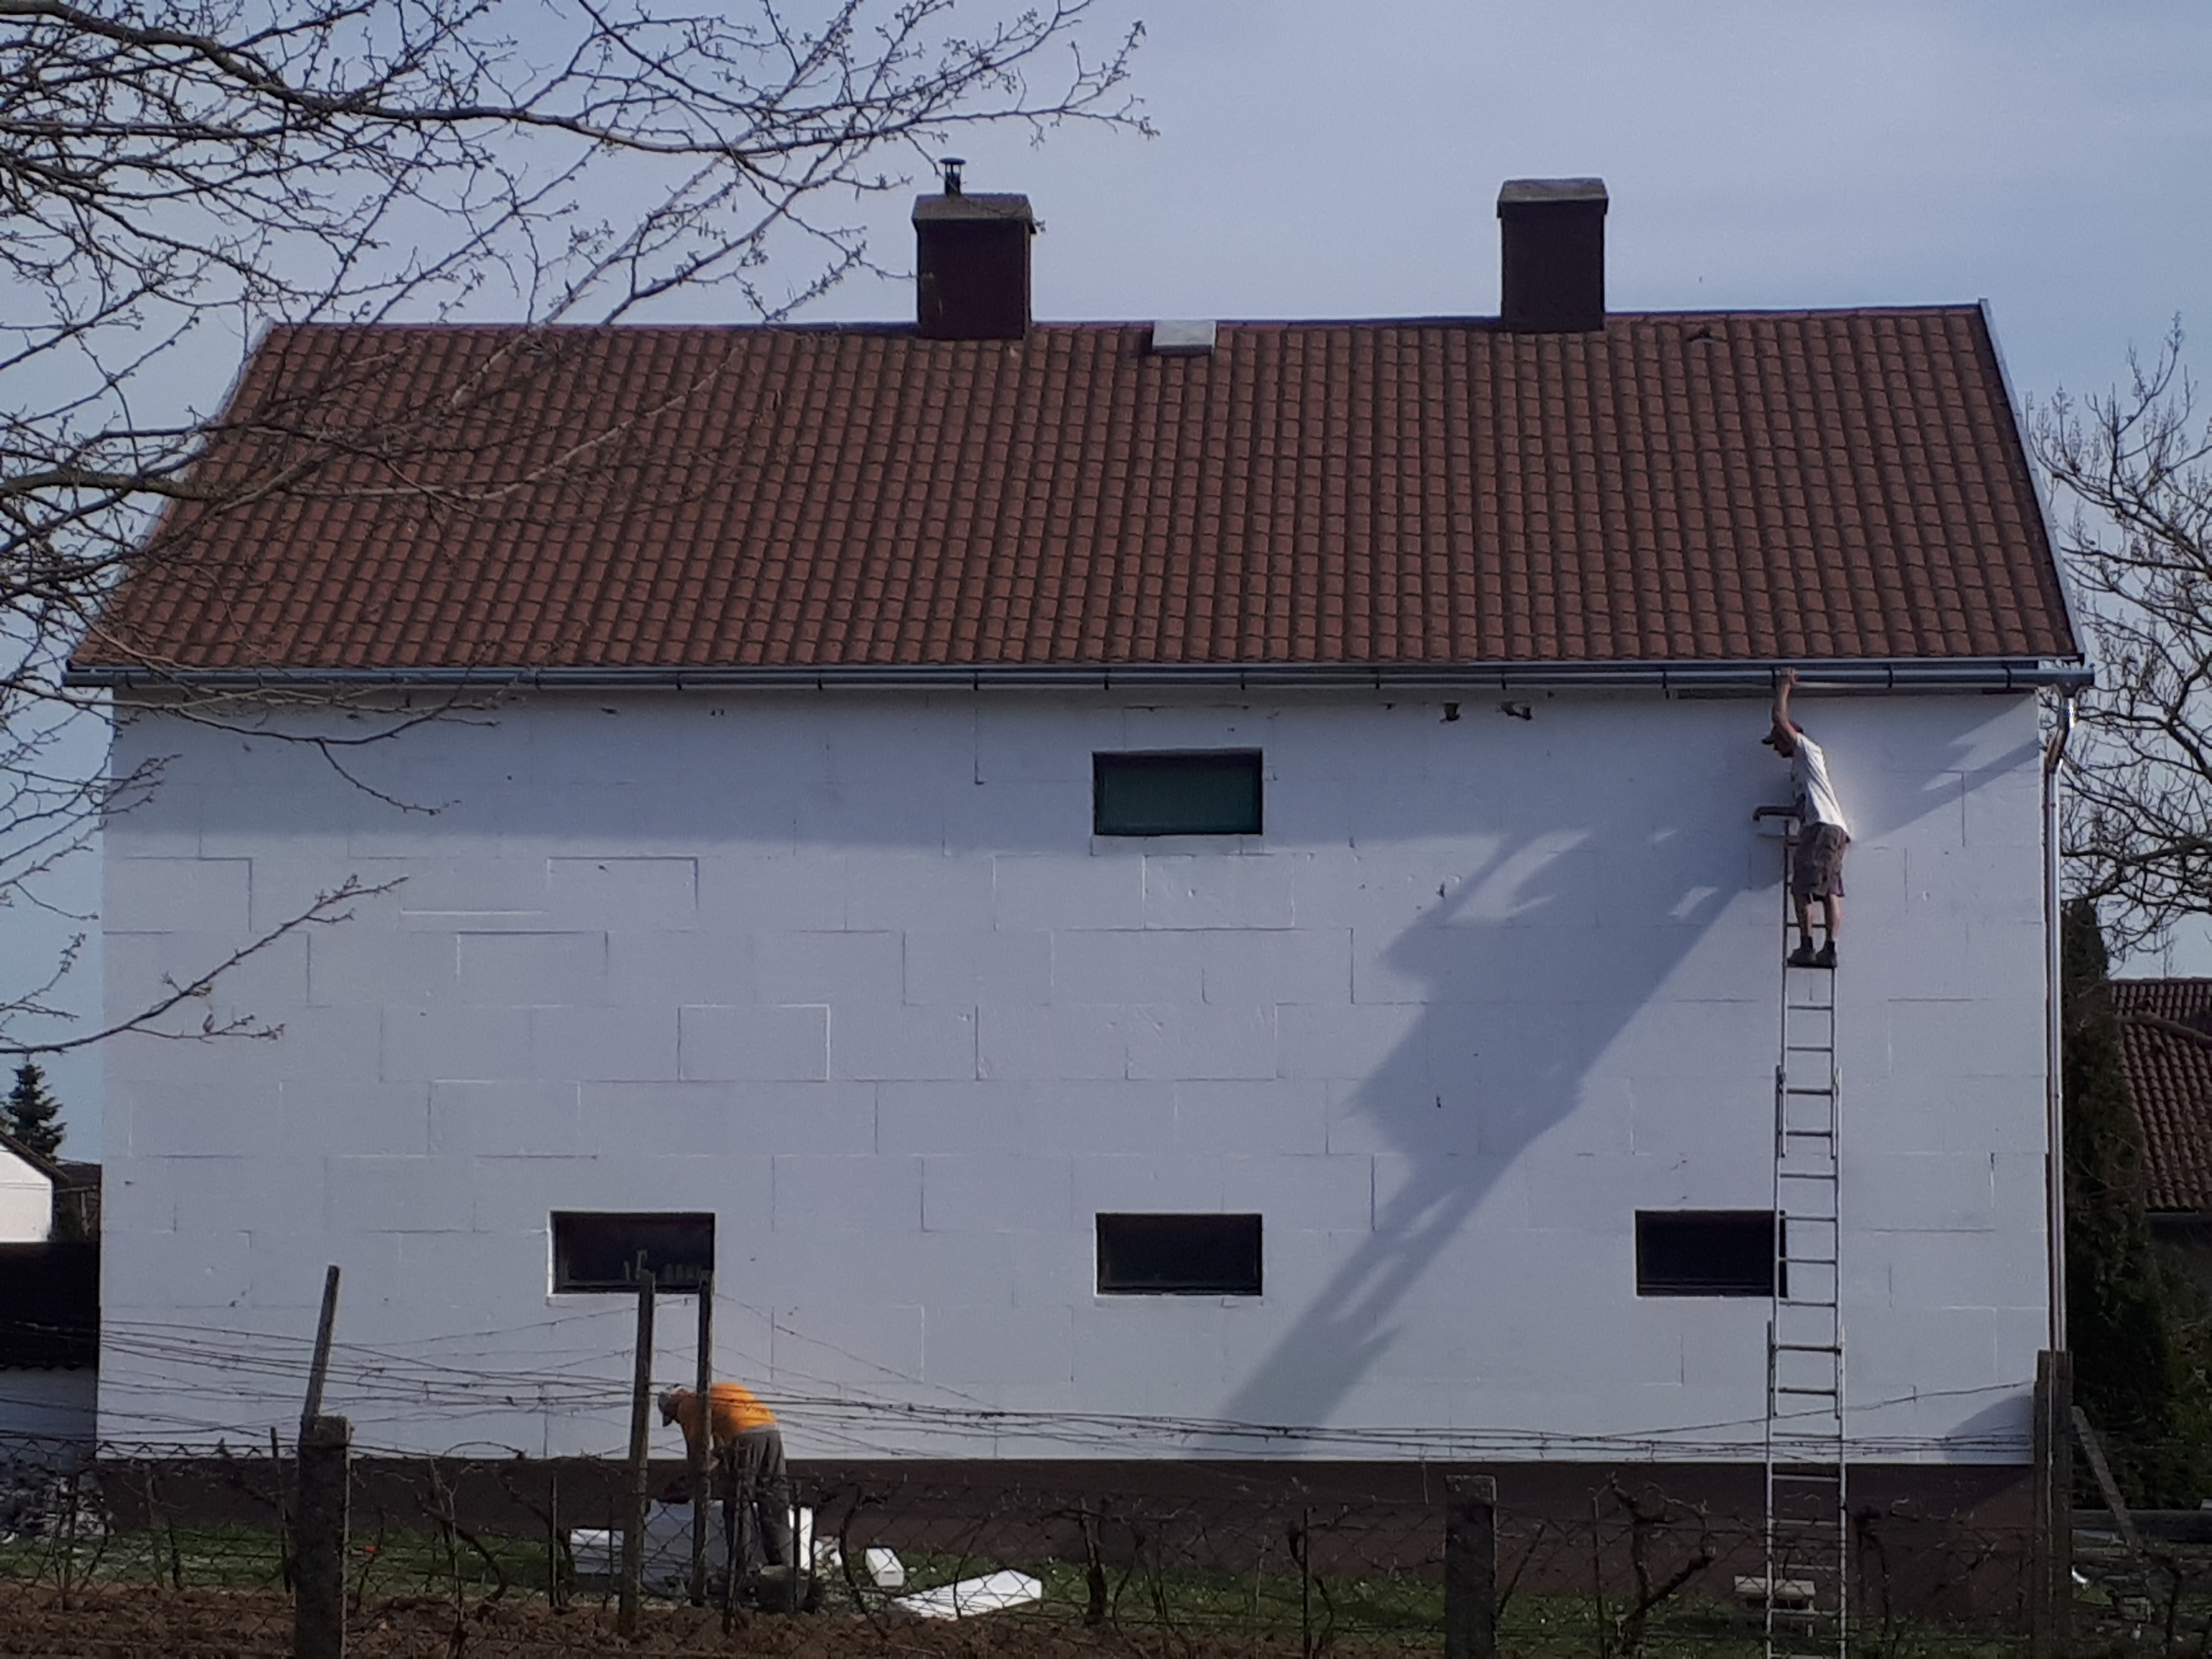 Palatető felújítás Fáj, palatető szigetelés FájCsaládi ház palatető felújítása